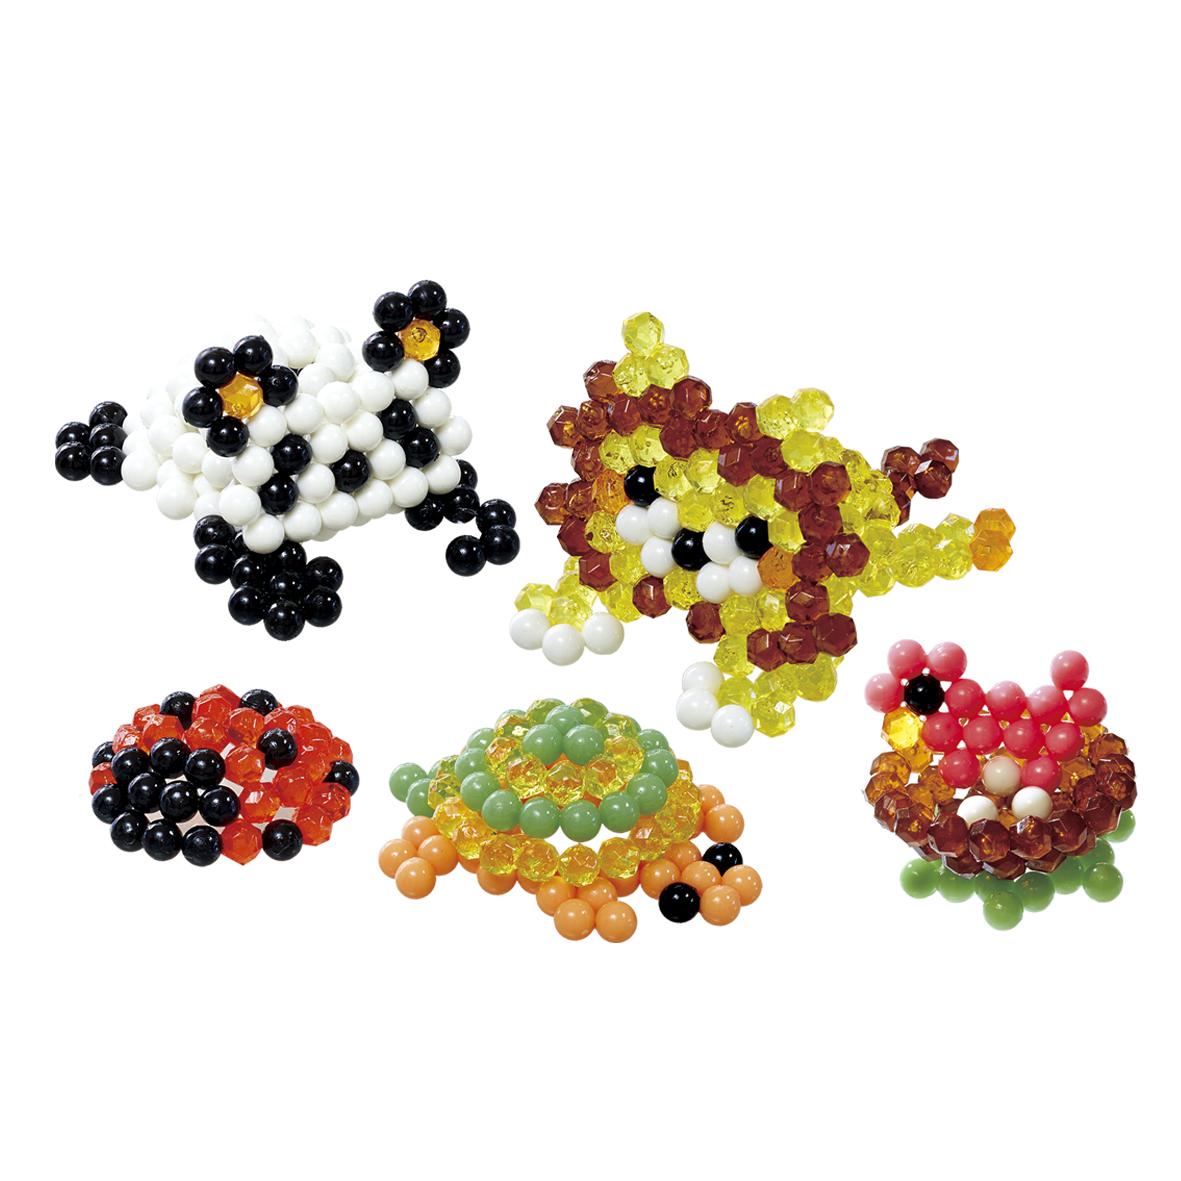 Наборы для творчества Aquabeads Зверюшки в 3D - Хобби и творчество